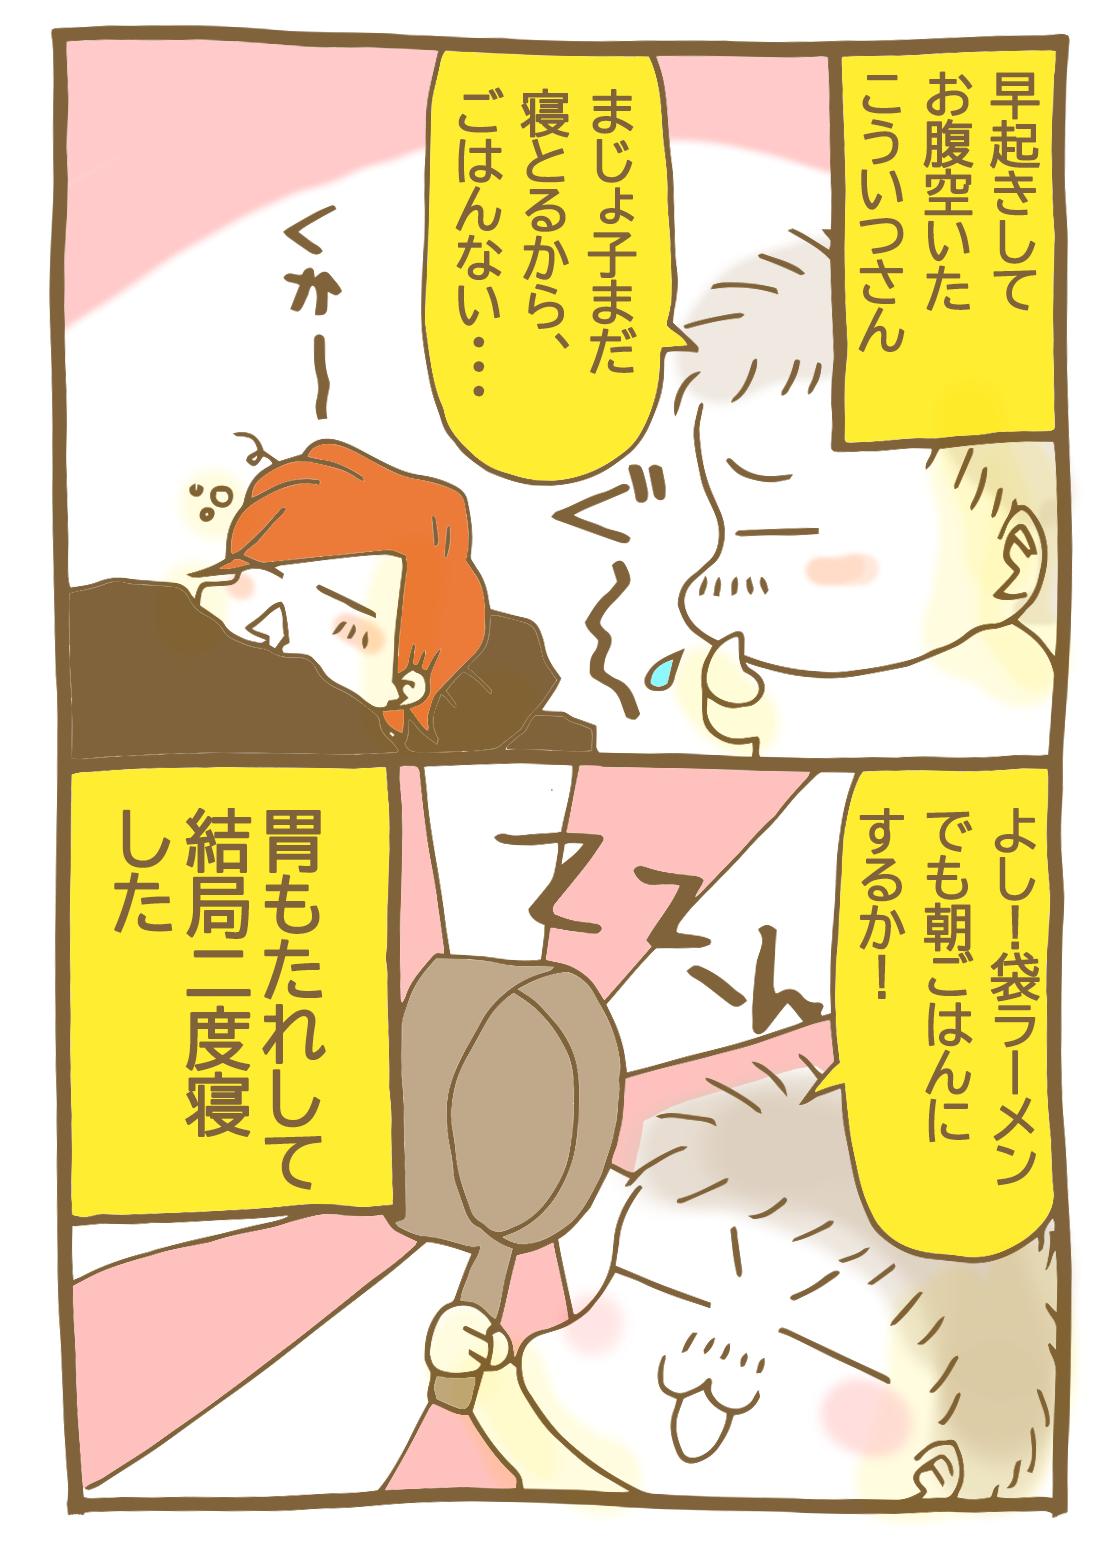 朝ラーメン